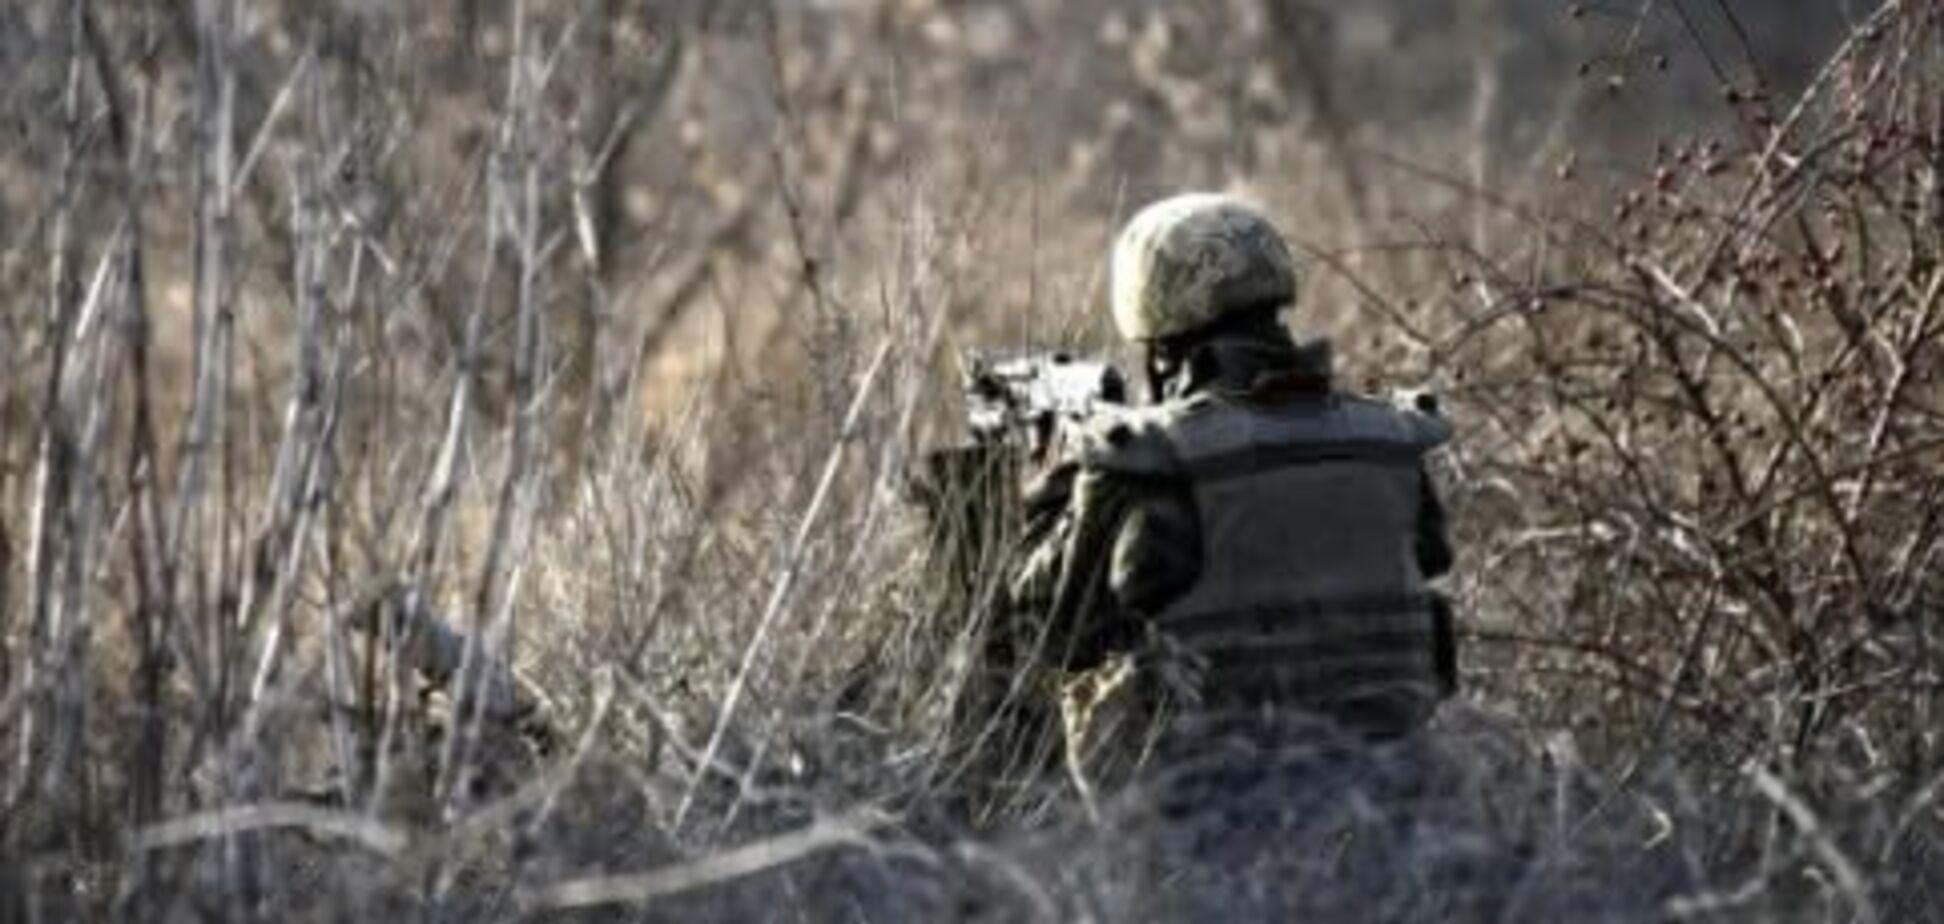 Терористи вдалися до нової хитрості на Донбасі та змінили тактику